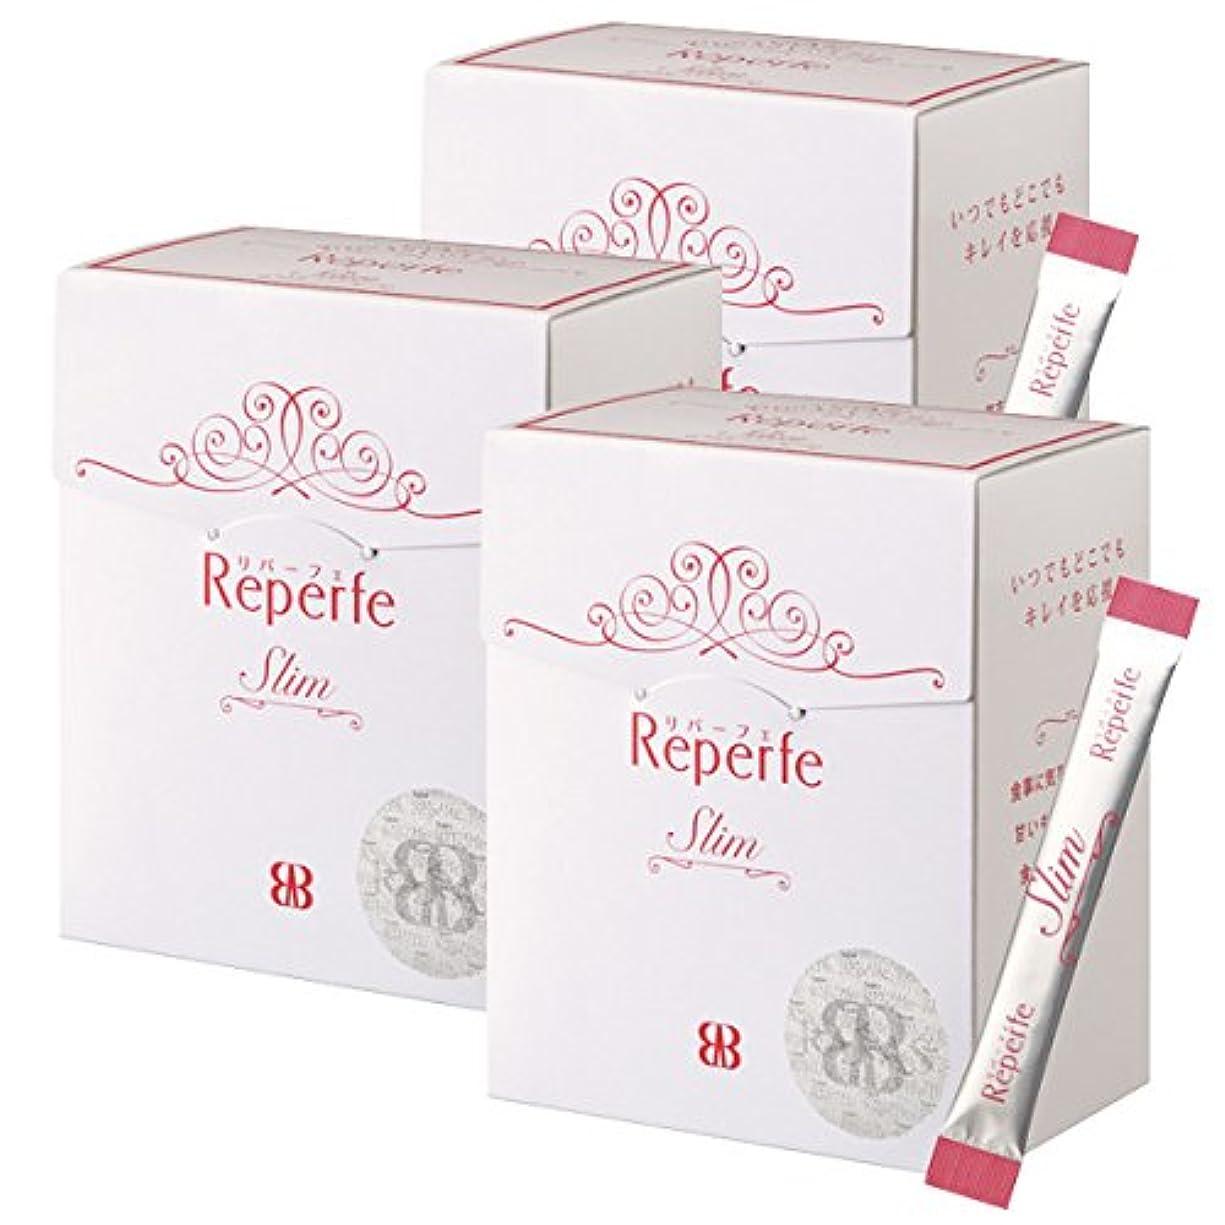 飼料バッチ未就学腸内洗浄で整え、環境をリセットするダイエットサプリメント!リパーフェスリム3箱セット